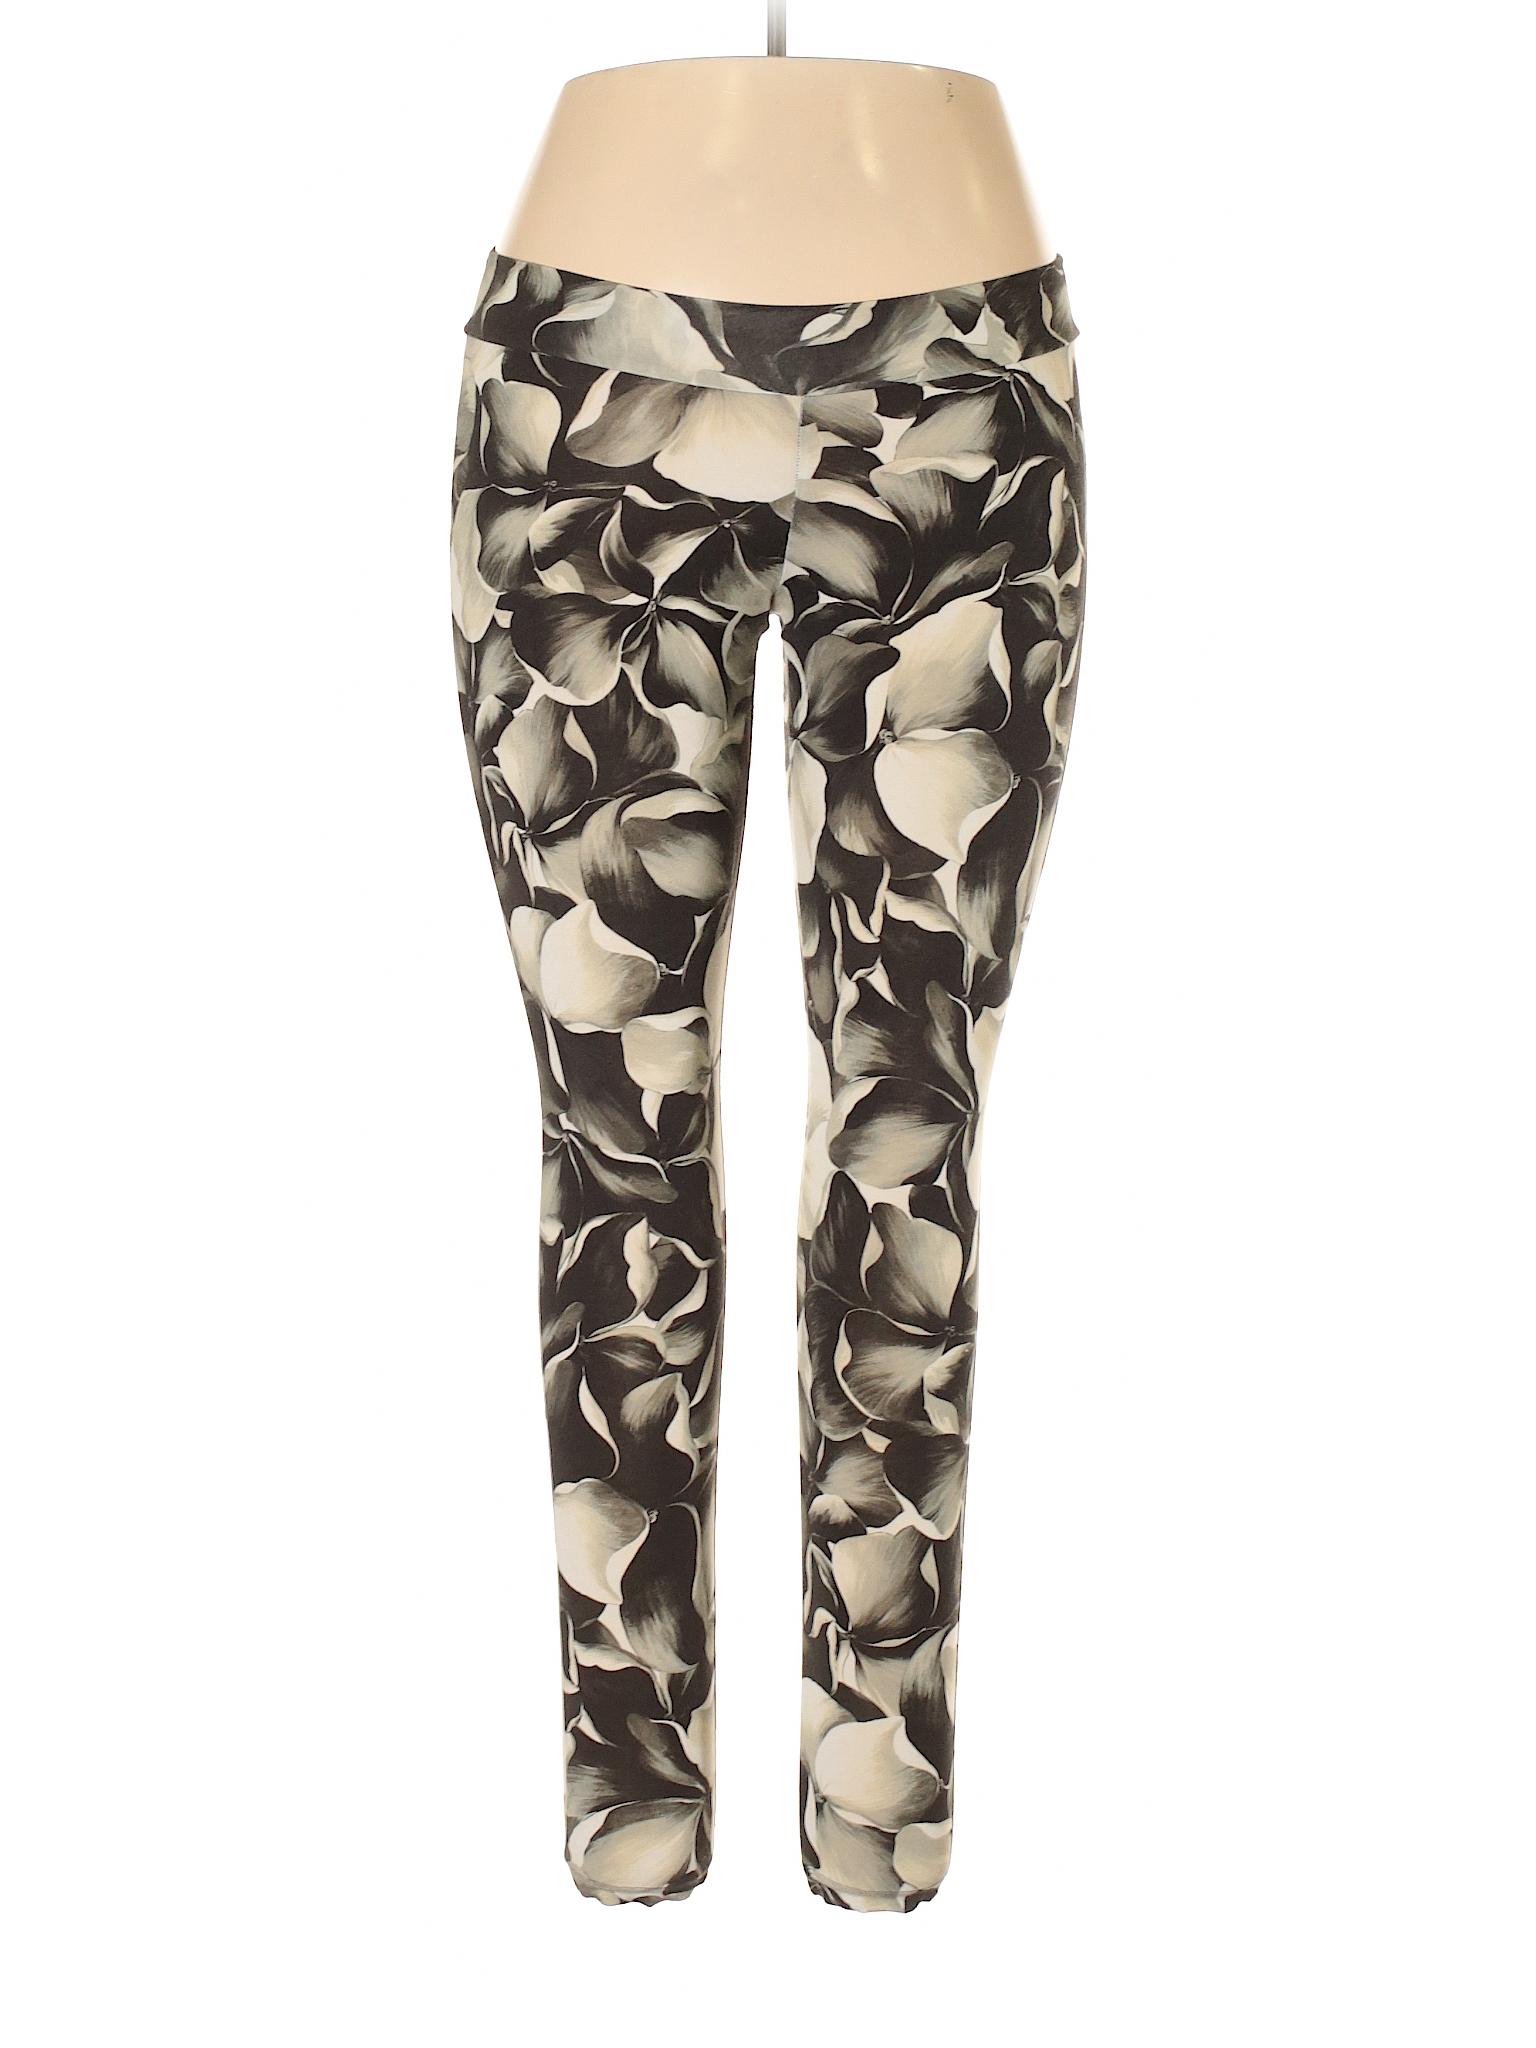 980e725a0e2ea Moncler Floral Dark Green Leggings Size M - 81% off | thredUP